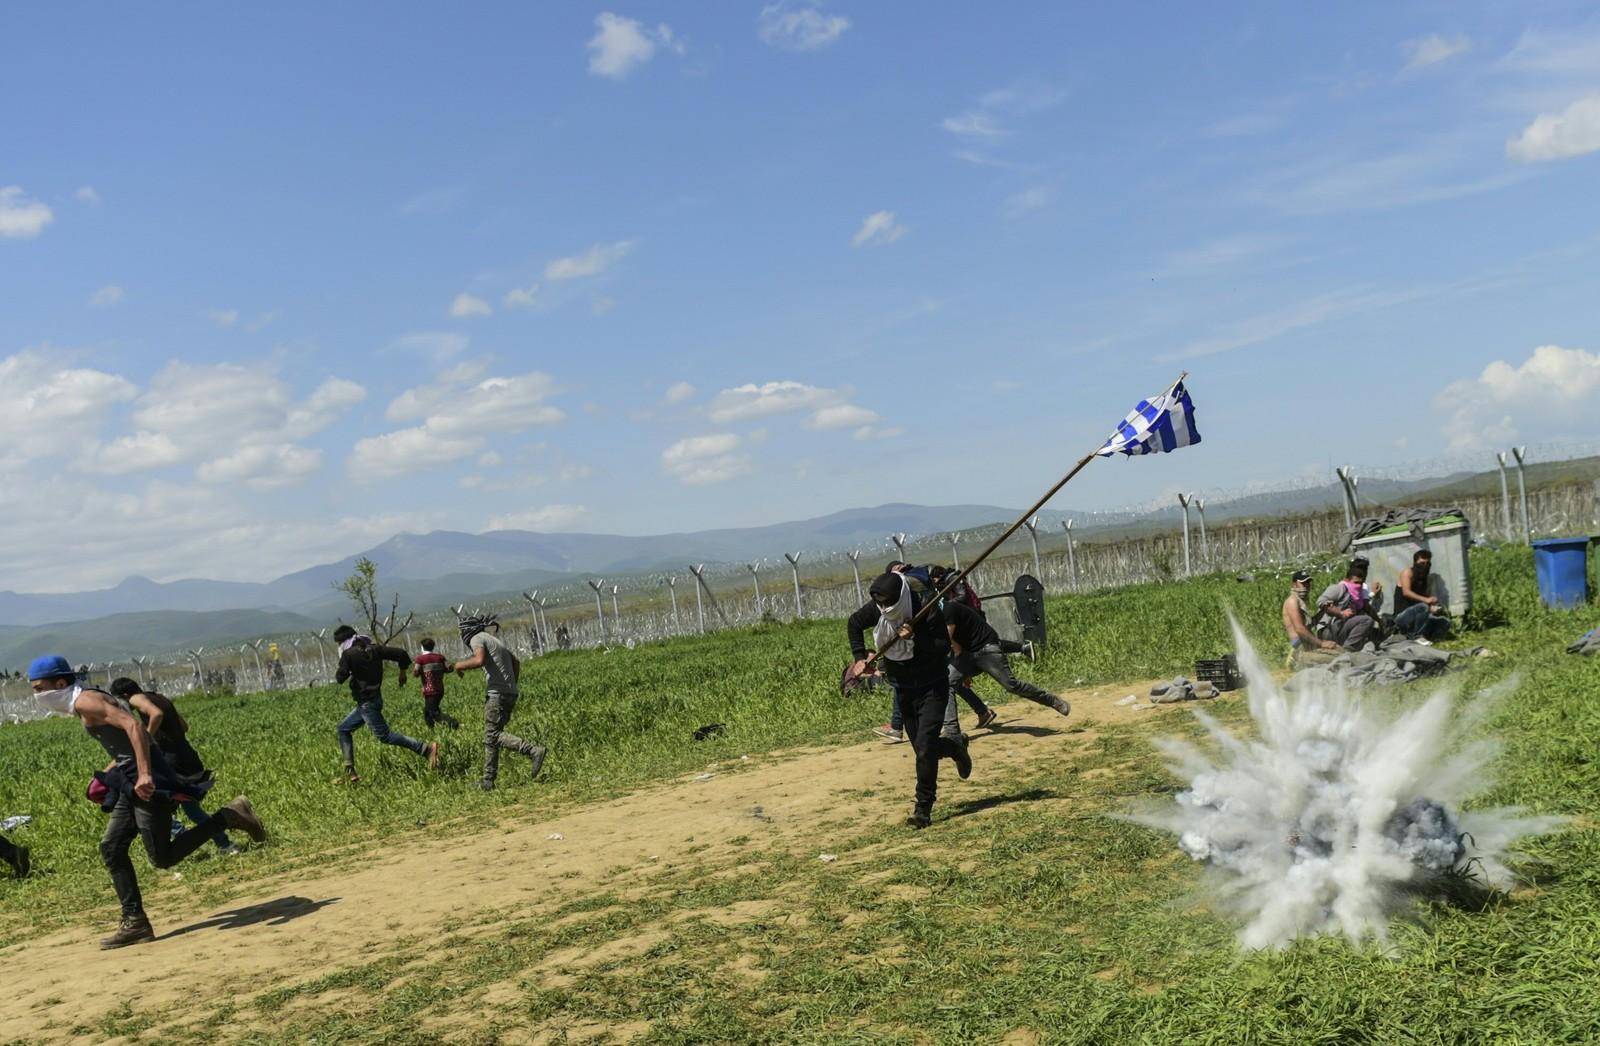 TÅREGASS: Sammenstøt mellom flyktninger og migranter og makedonsk politi ved Idomeni, på grensen mellom Hellas og Makedonia. Flere skal ha blitt skadd da politiet kastet tåregass mot menneskemengden som demonstrerte for at grensen mellom de to landene må åpnes igjen.